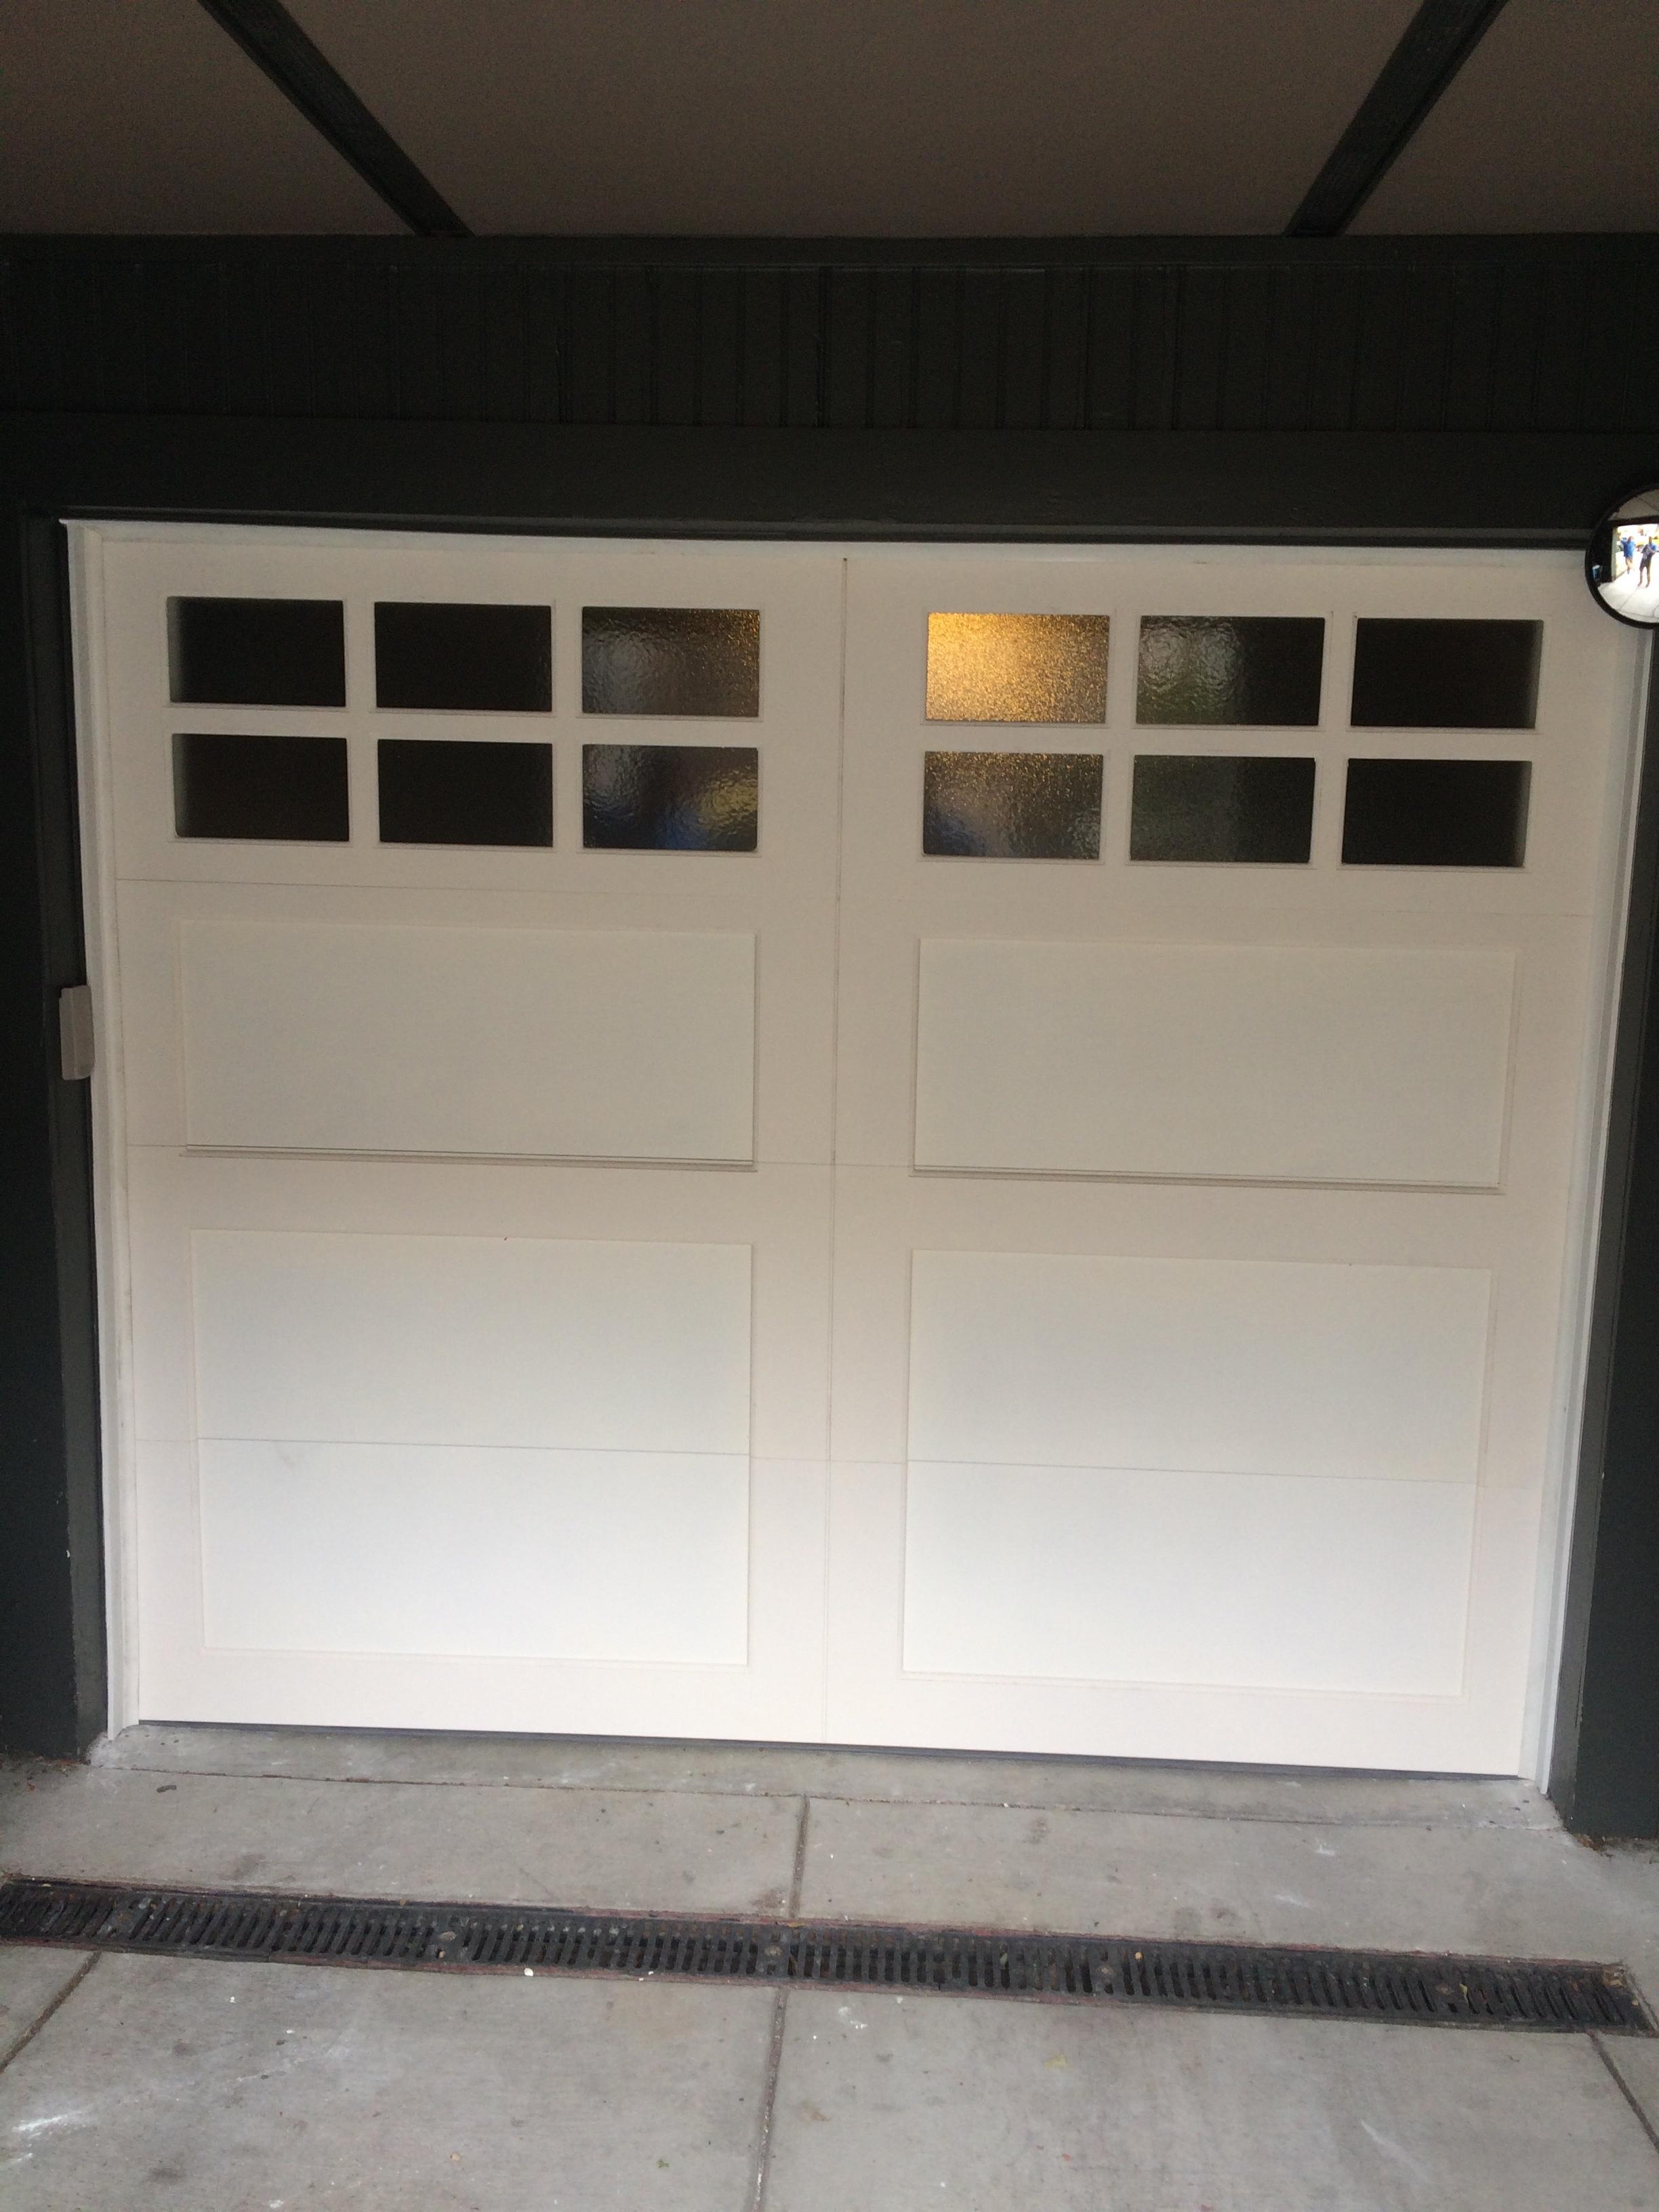 all bay garage doors - carriage house garage door - kevin chervatin - 13.jpg